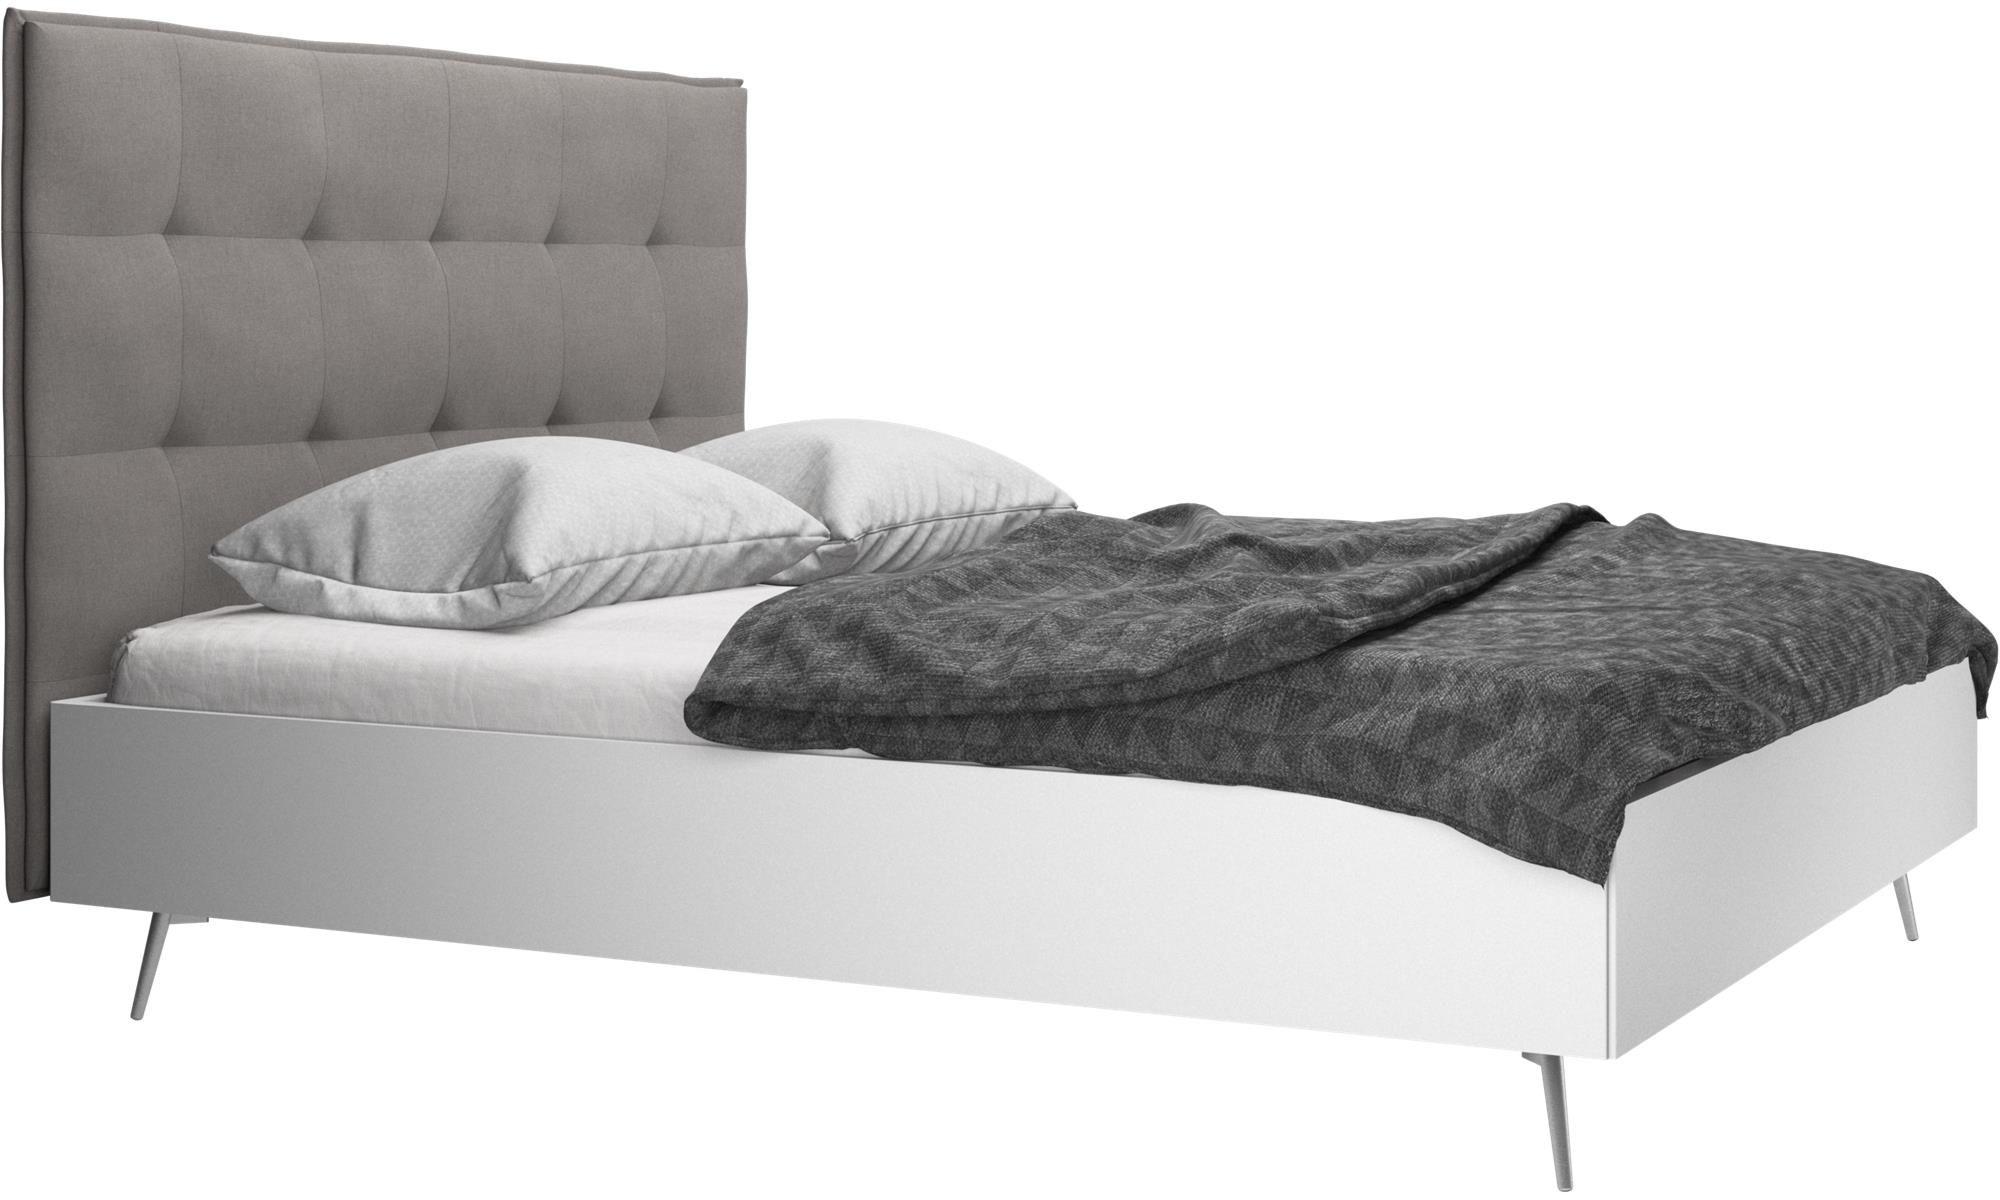 Lugano Bett Lattenrost Und Matratze Gegen Aufpreis Bett Mit Lattenrost Bett Modern Bett Ideen